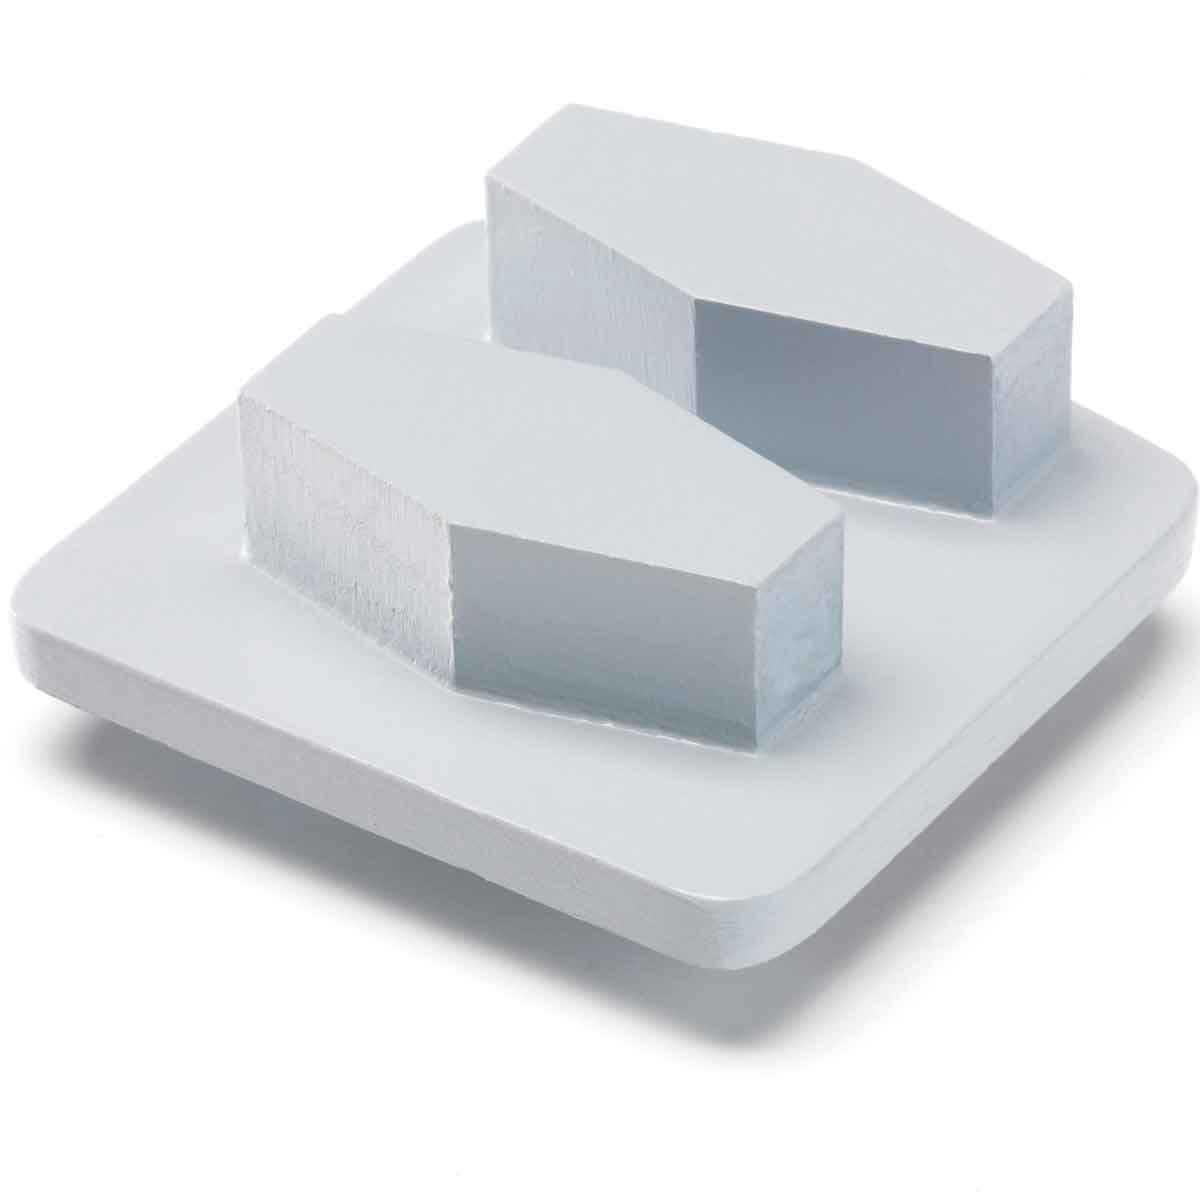 Redi Lock G640  Diamante de metal para concreto dureza media. Paquete de 3 pzas